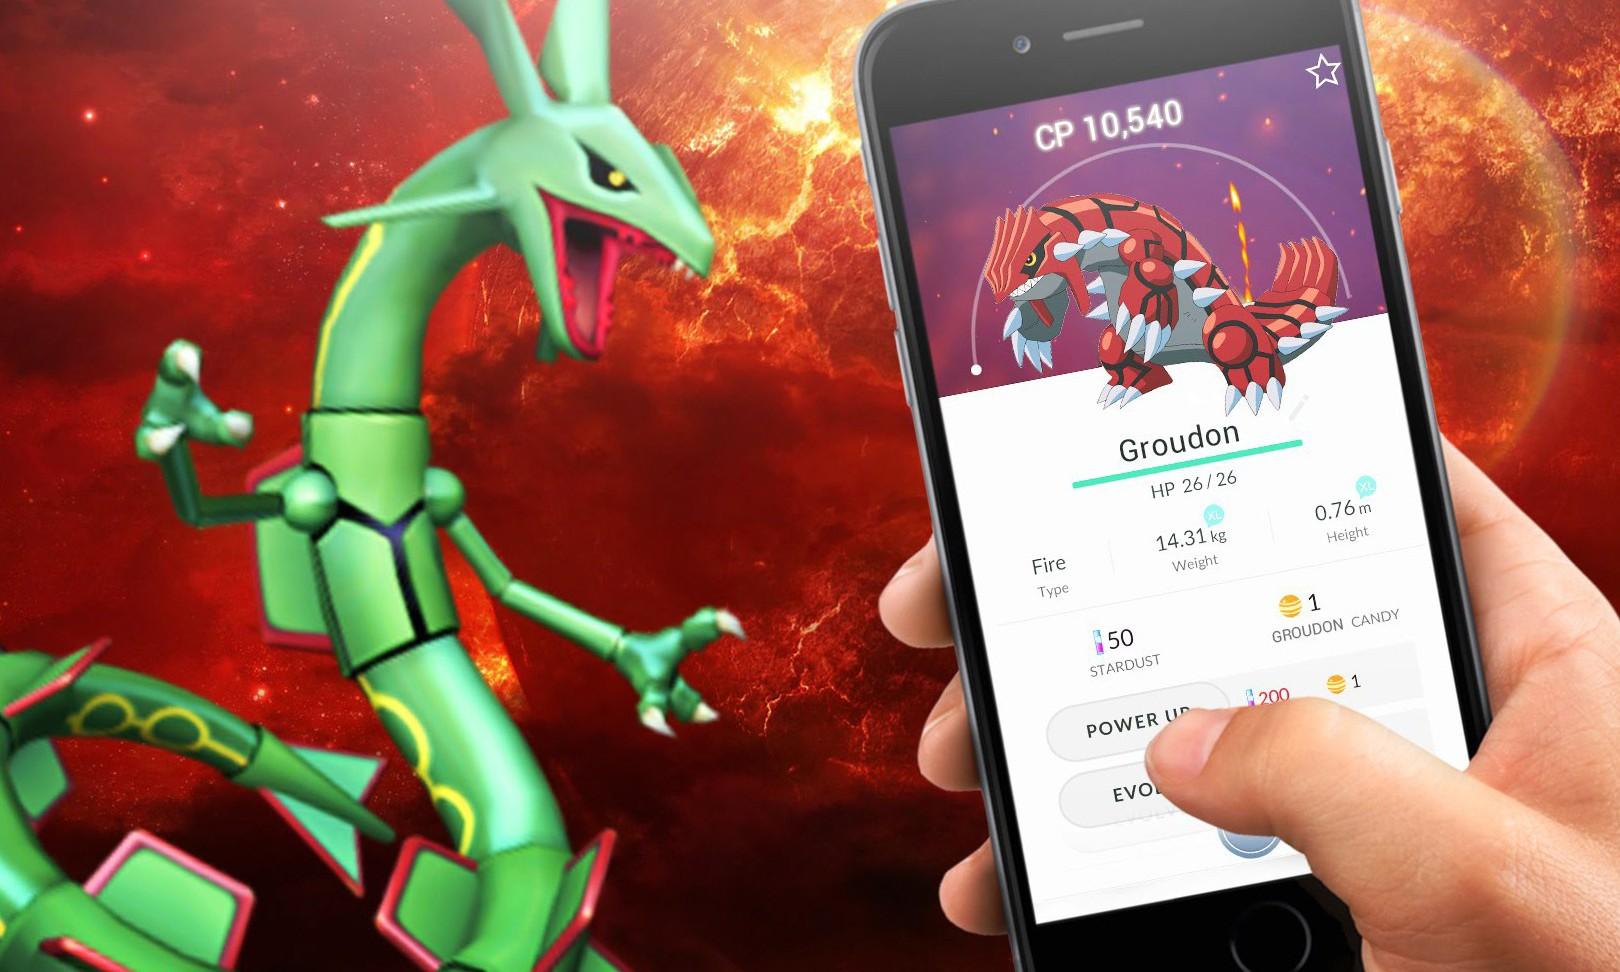 一批新的《Pokémon GO》精灵正在来的路上